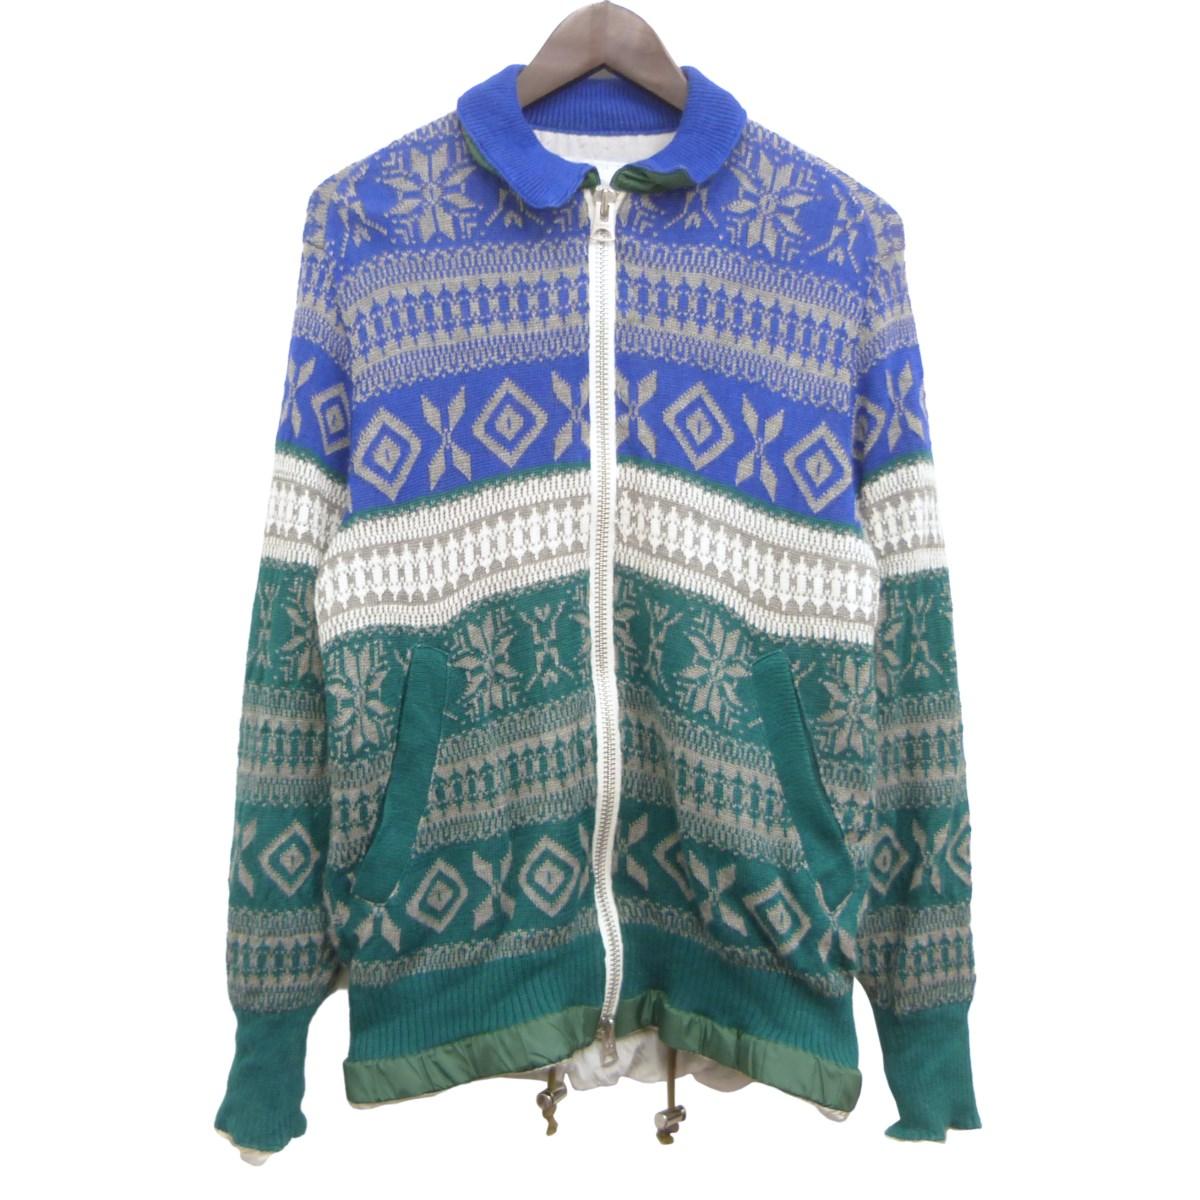 【中古】sacai 18SS ノルディック柄ニットジャケット ブルー×グリーン サイズ:1 【040420】(サカイ)